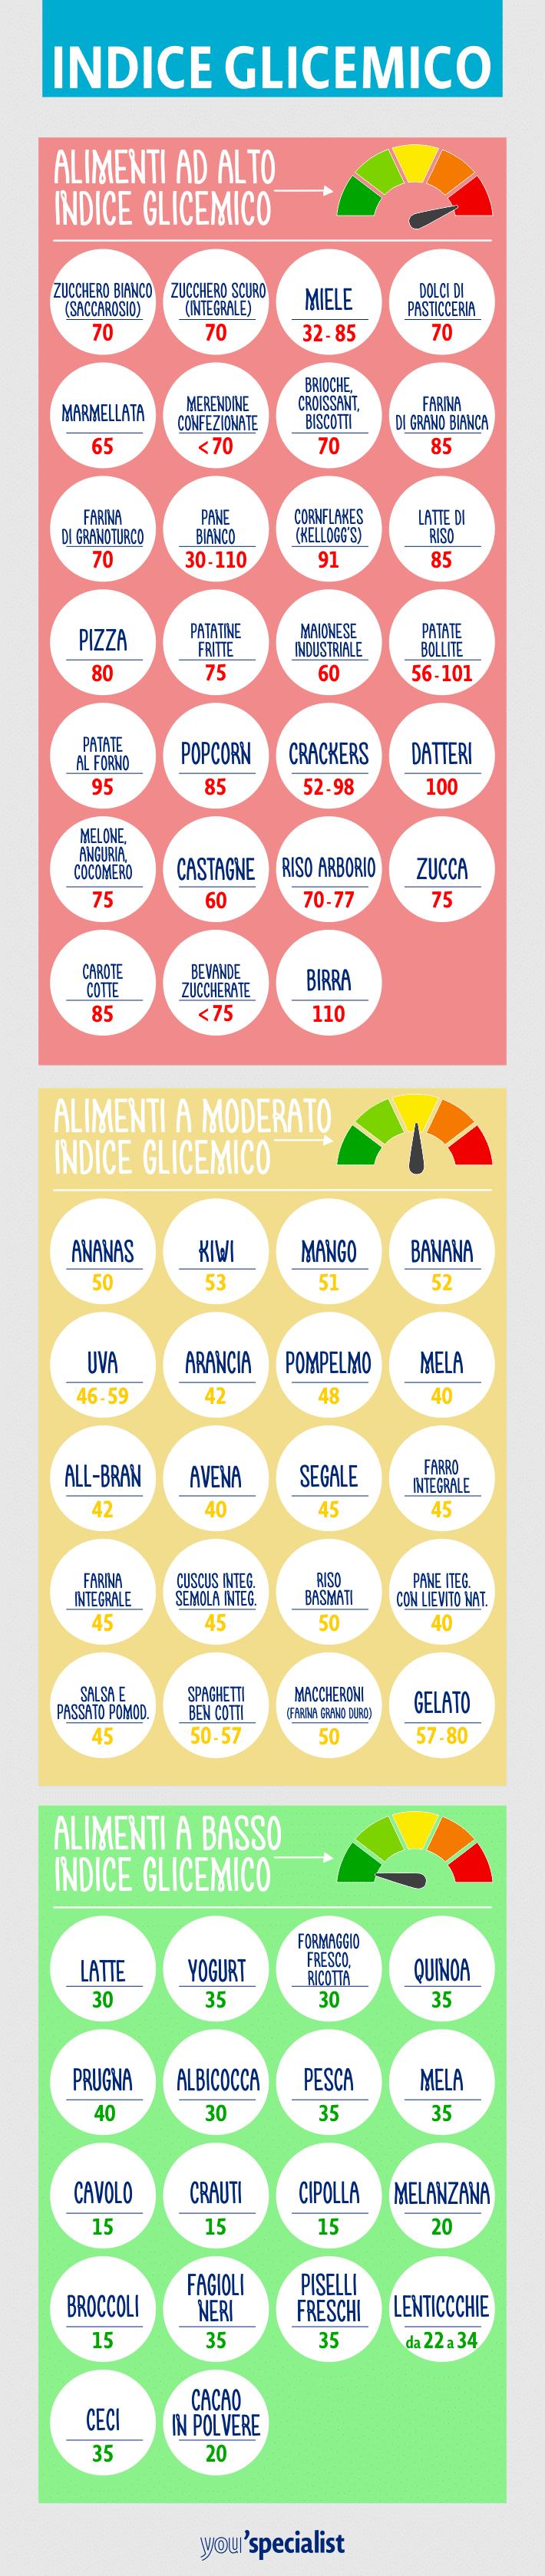 Indice glicemico negli alimenti